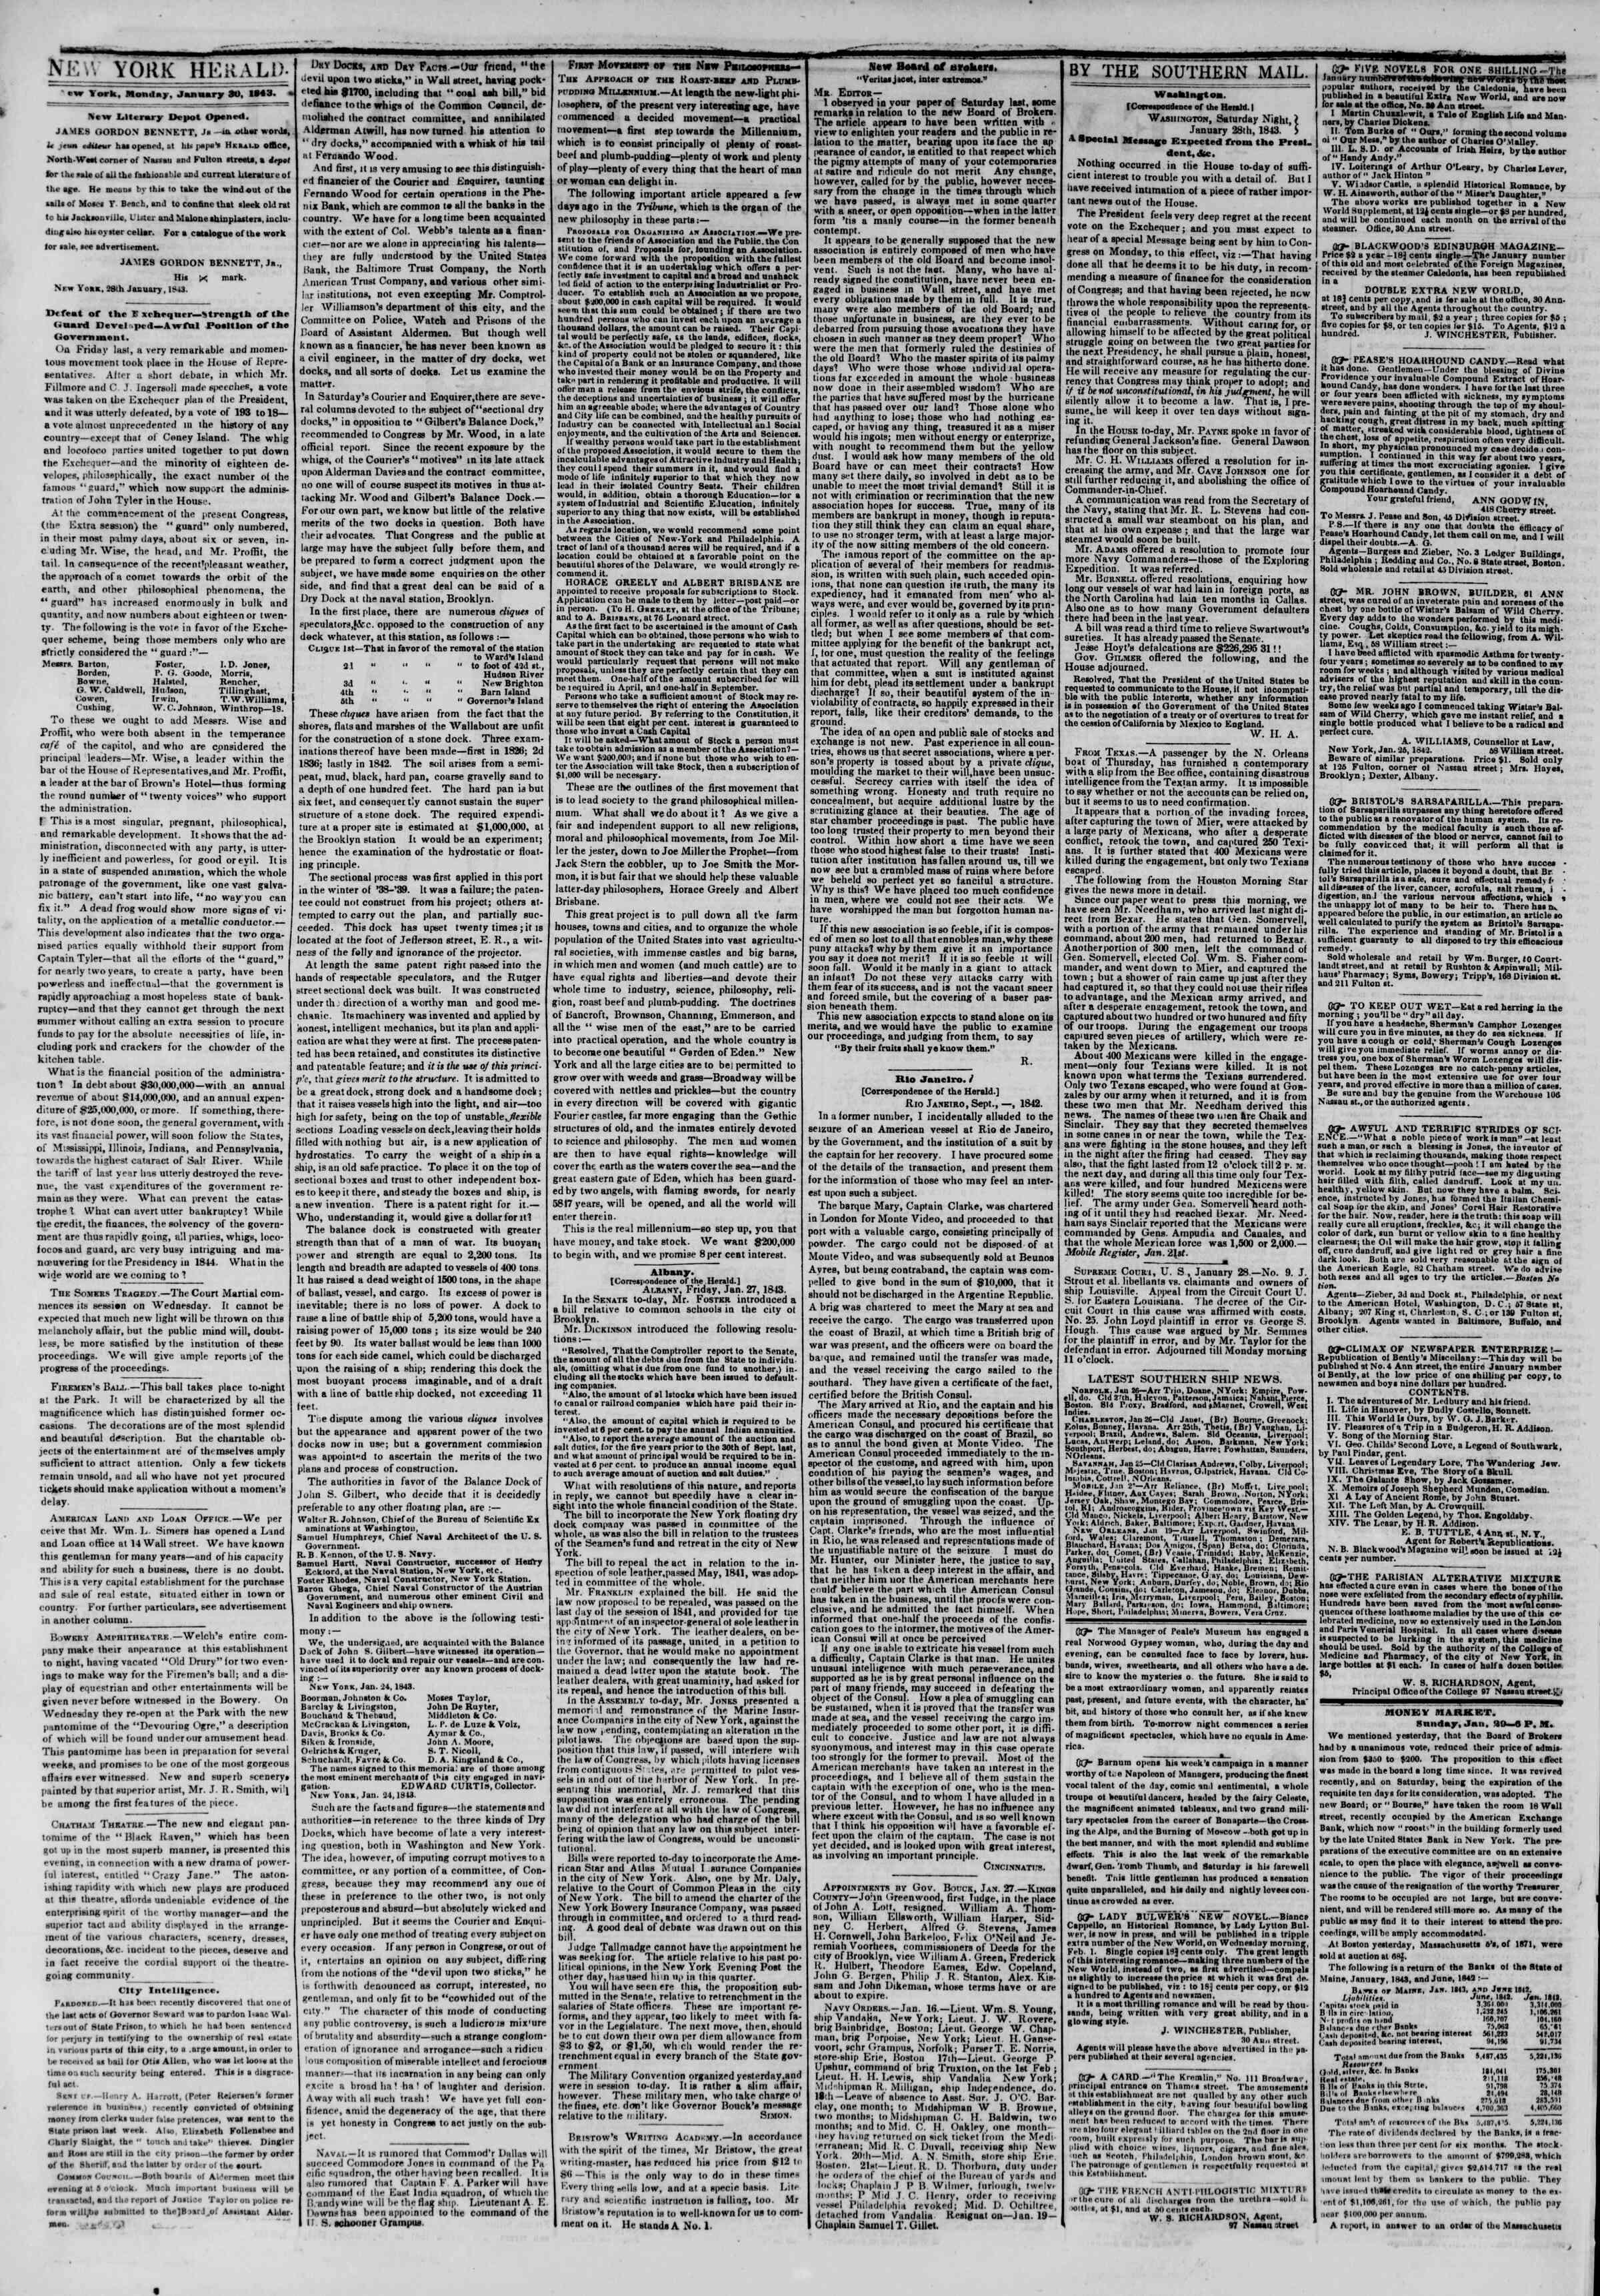 30 Ocak 1843 Tarihli The New York Herald Gazetesi Sayfa 2